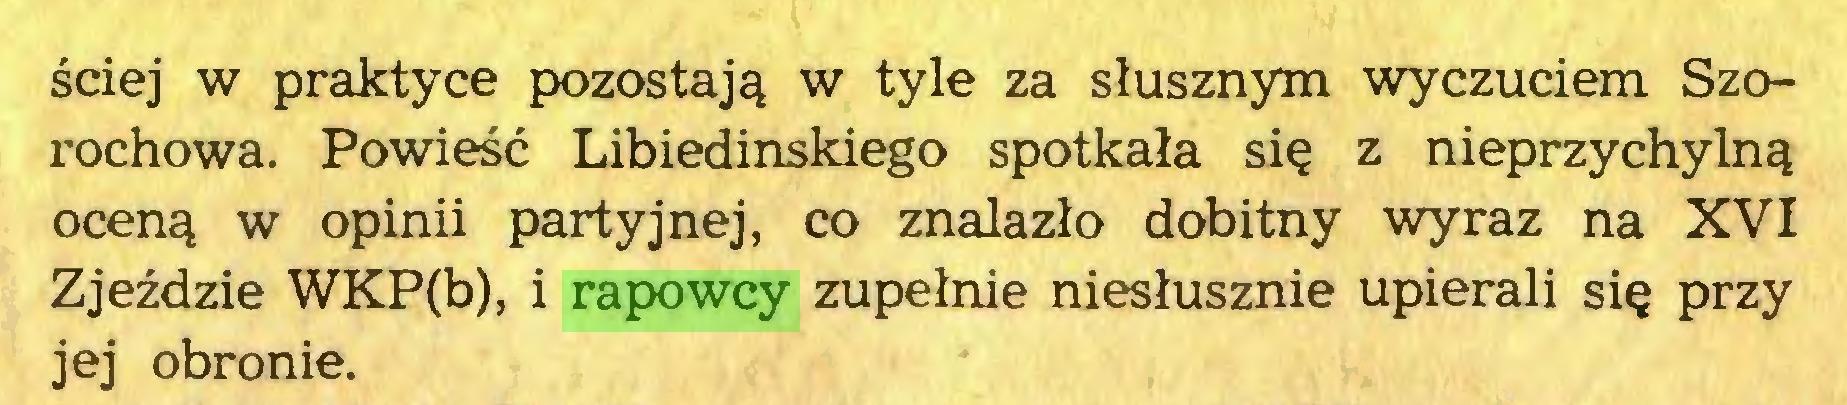 (...) ściej w praktyce pozostają w tyle za słusznym wyczuciem Szorochowa. Powieść Libiedinskiego spotkała się z nieprzychylną oceną w opinii partyjnej, co znalazło dobitny wyraz na XVI Zjeździe WKP(b), i rapowcy zupełnie niesłusznie upierali się przy jej obronie...